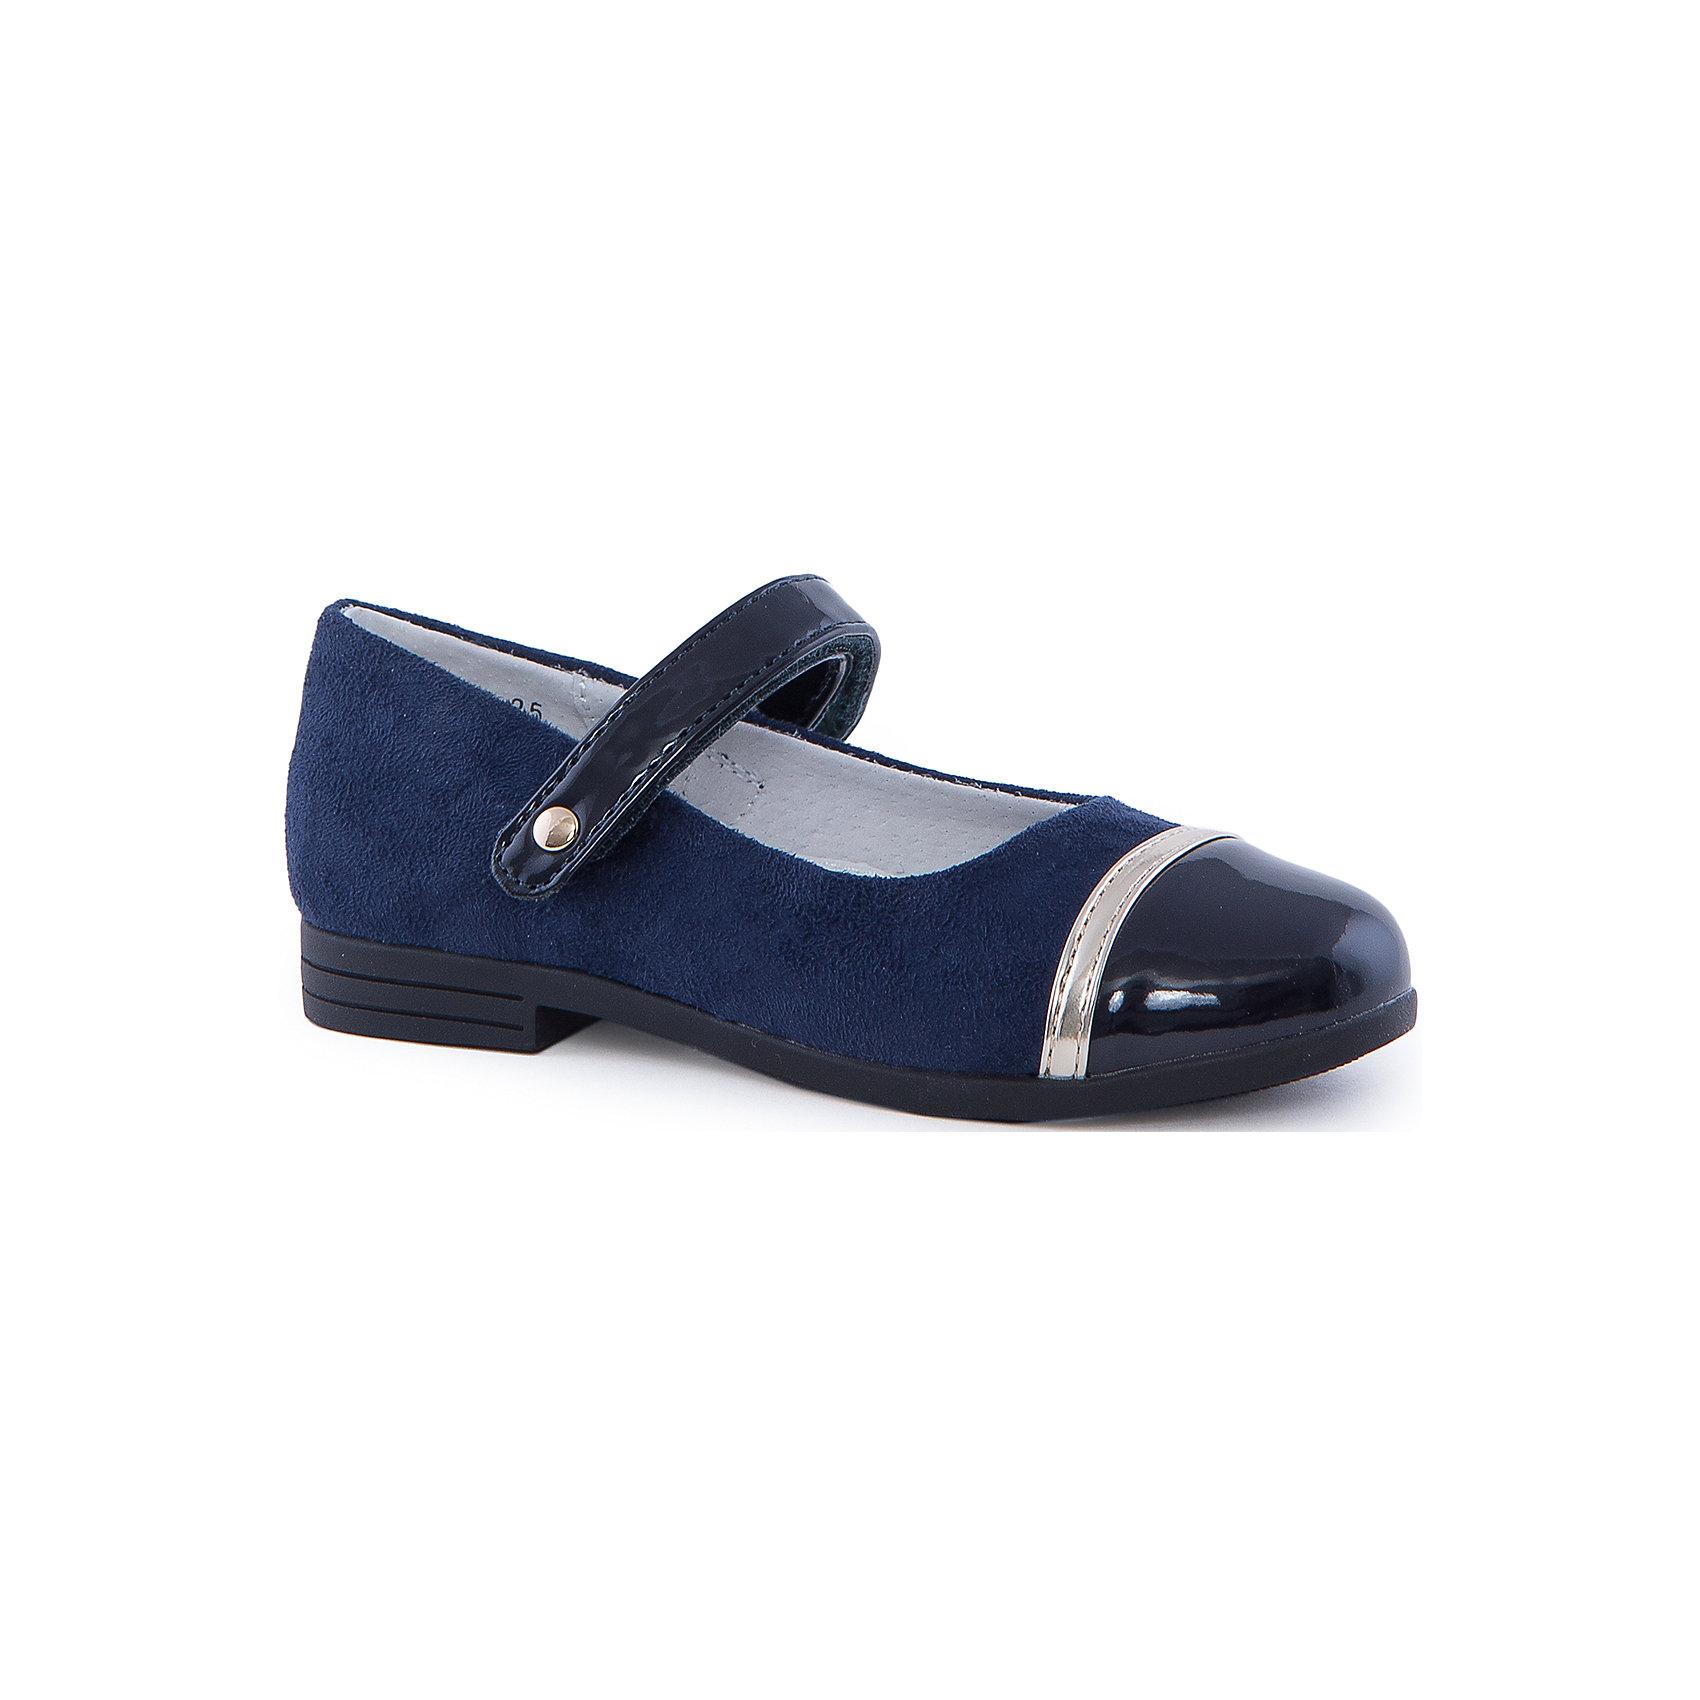 Туфли для девочки PlayTodayНарядная обувь<br>Туфли для девочки от известного бренда PlayToday.<br>Стильные туфли для девочек. Внутри мягкая полуортопедическая стелька. Легкая и гибкая подошва с рифлением. Наполненная носочная часть и твердый задник способствуют правильному формированию стопы. <br>Состав:<br>100% Искусственная кожа<br><br>Ширина мм: 227<br>Глубина мм: 145<br>Высота мм: 124<br>Вес г: 325<br>Цвет: синий<br>Возраст от месяцев: 72<br>Возраст до месяцев: 84<br>Пол: Женский<br>Возраст: Детский<br>Размер: 30,29,27,25,26,28<br>SKU: 4897352